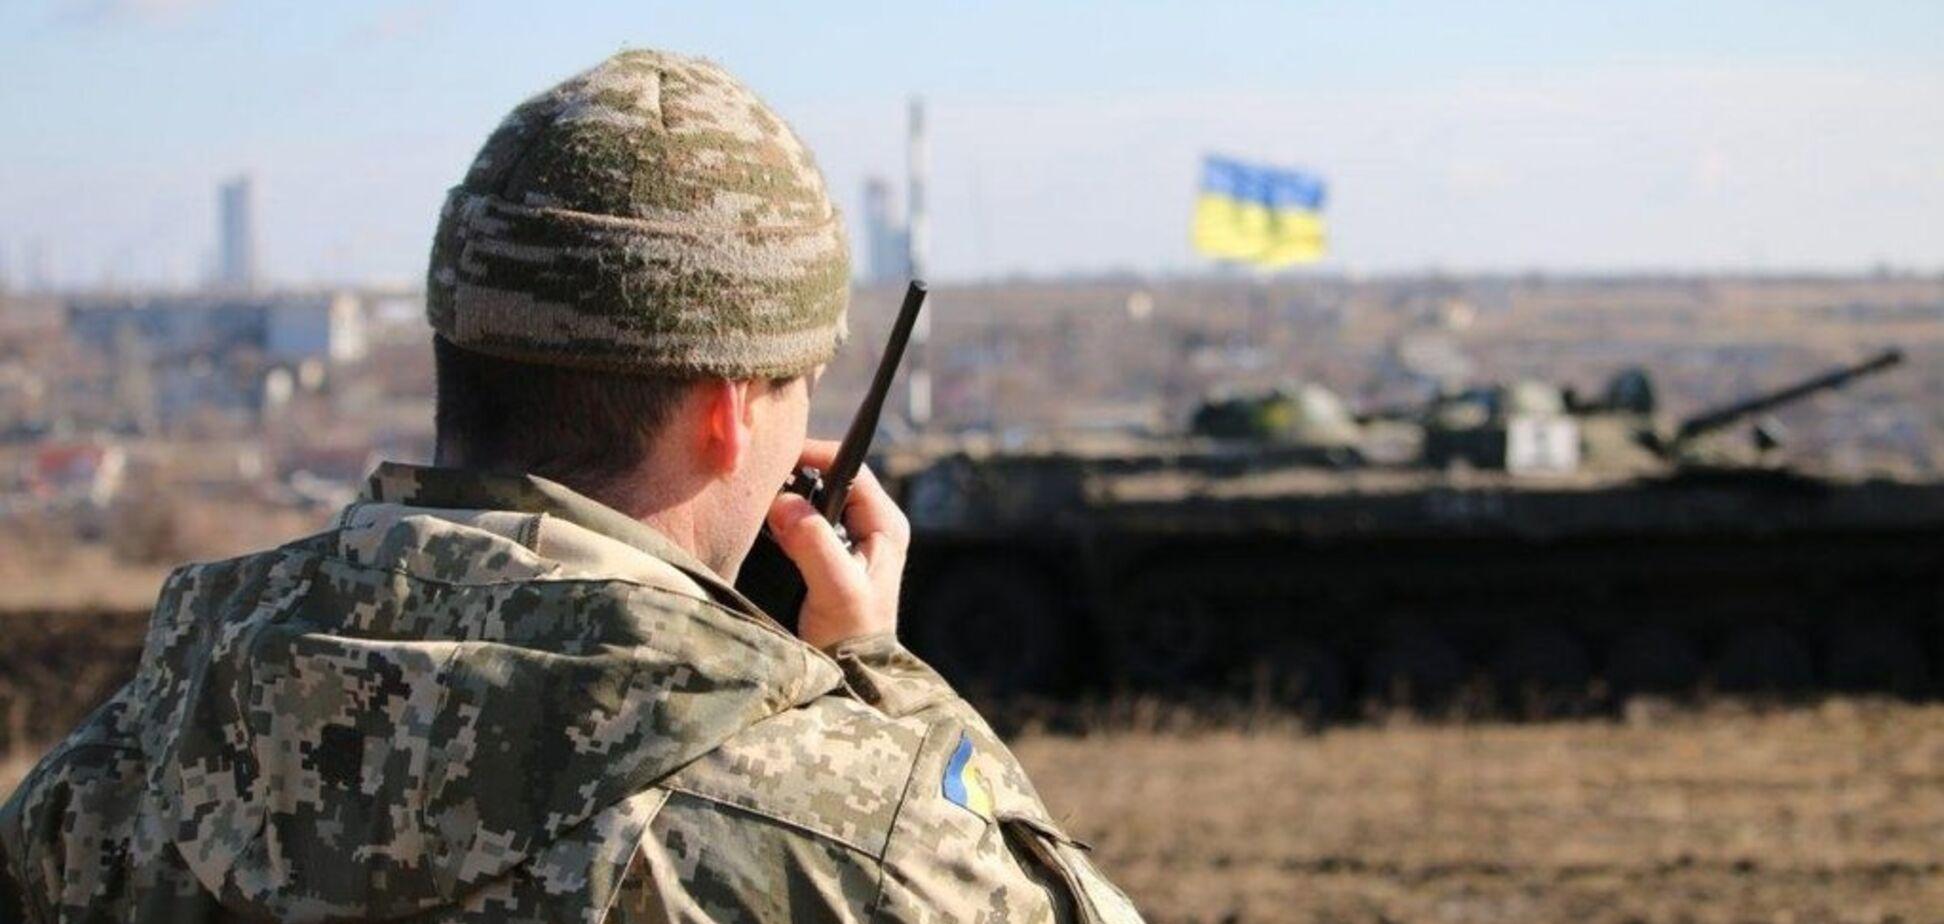 Был ад, но выстояли! В штабе ООС сообщили хорошие новости с Донбасса